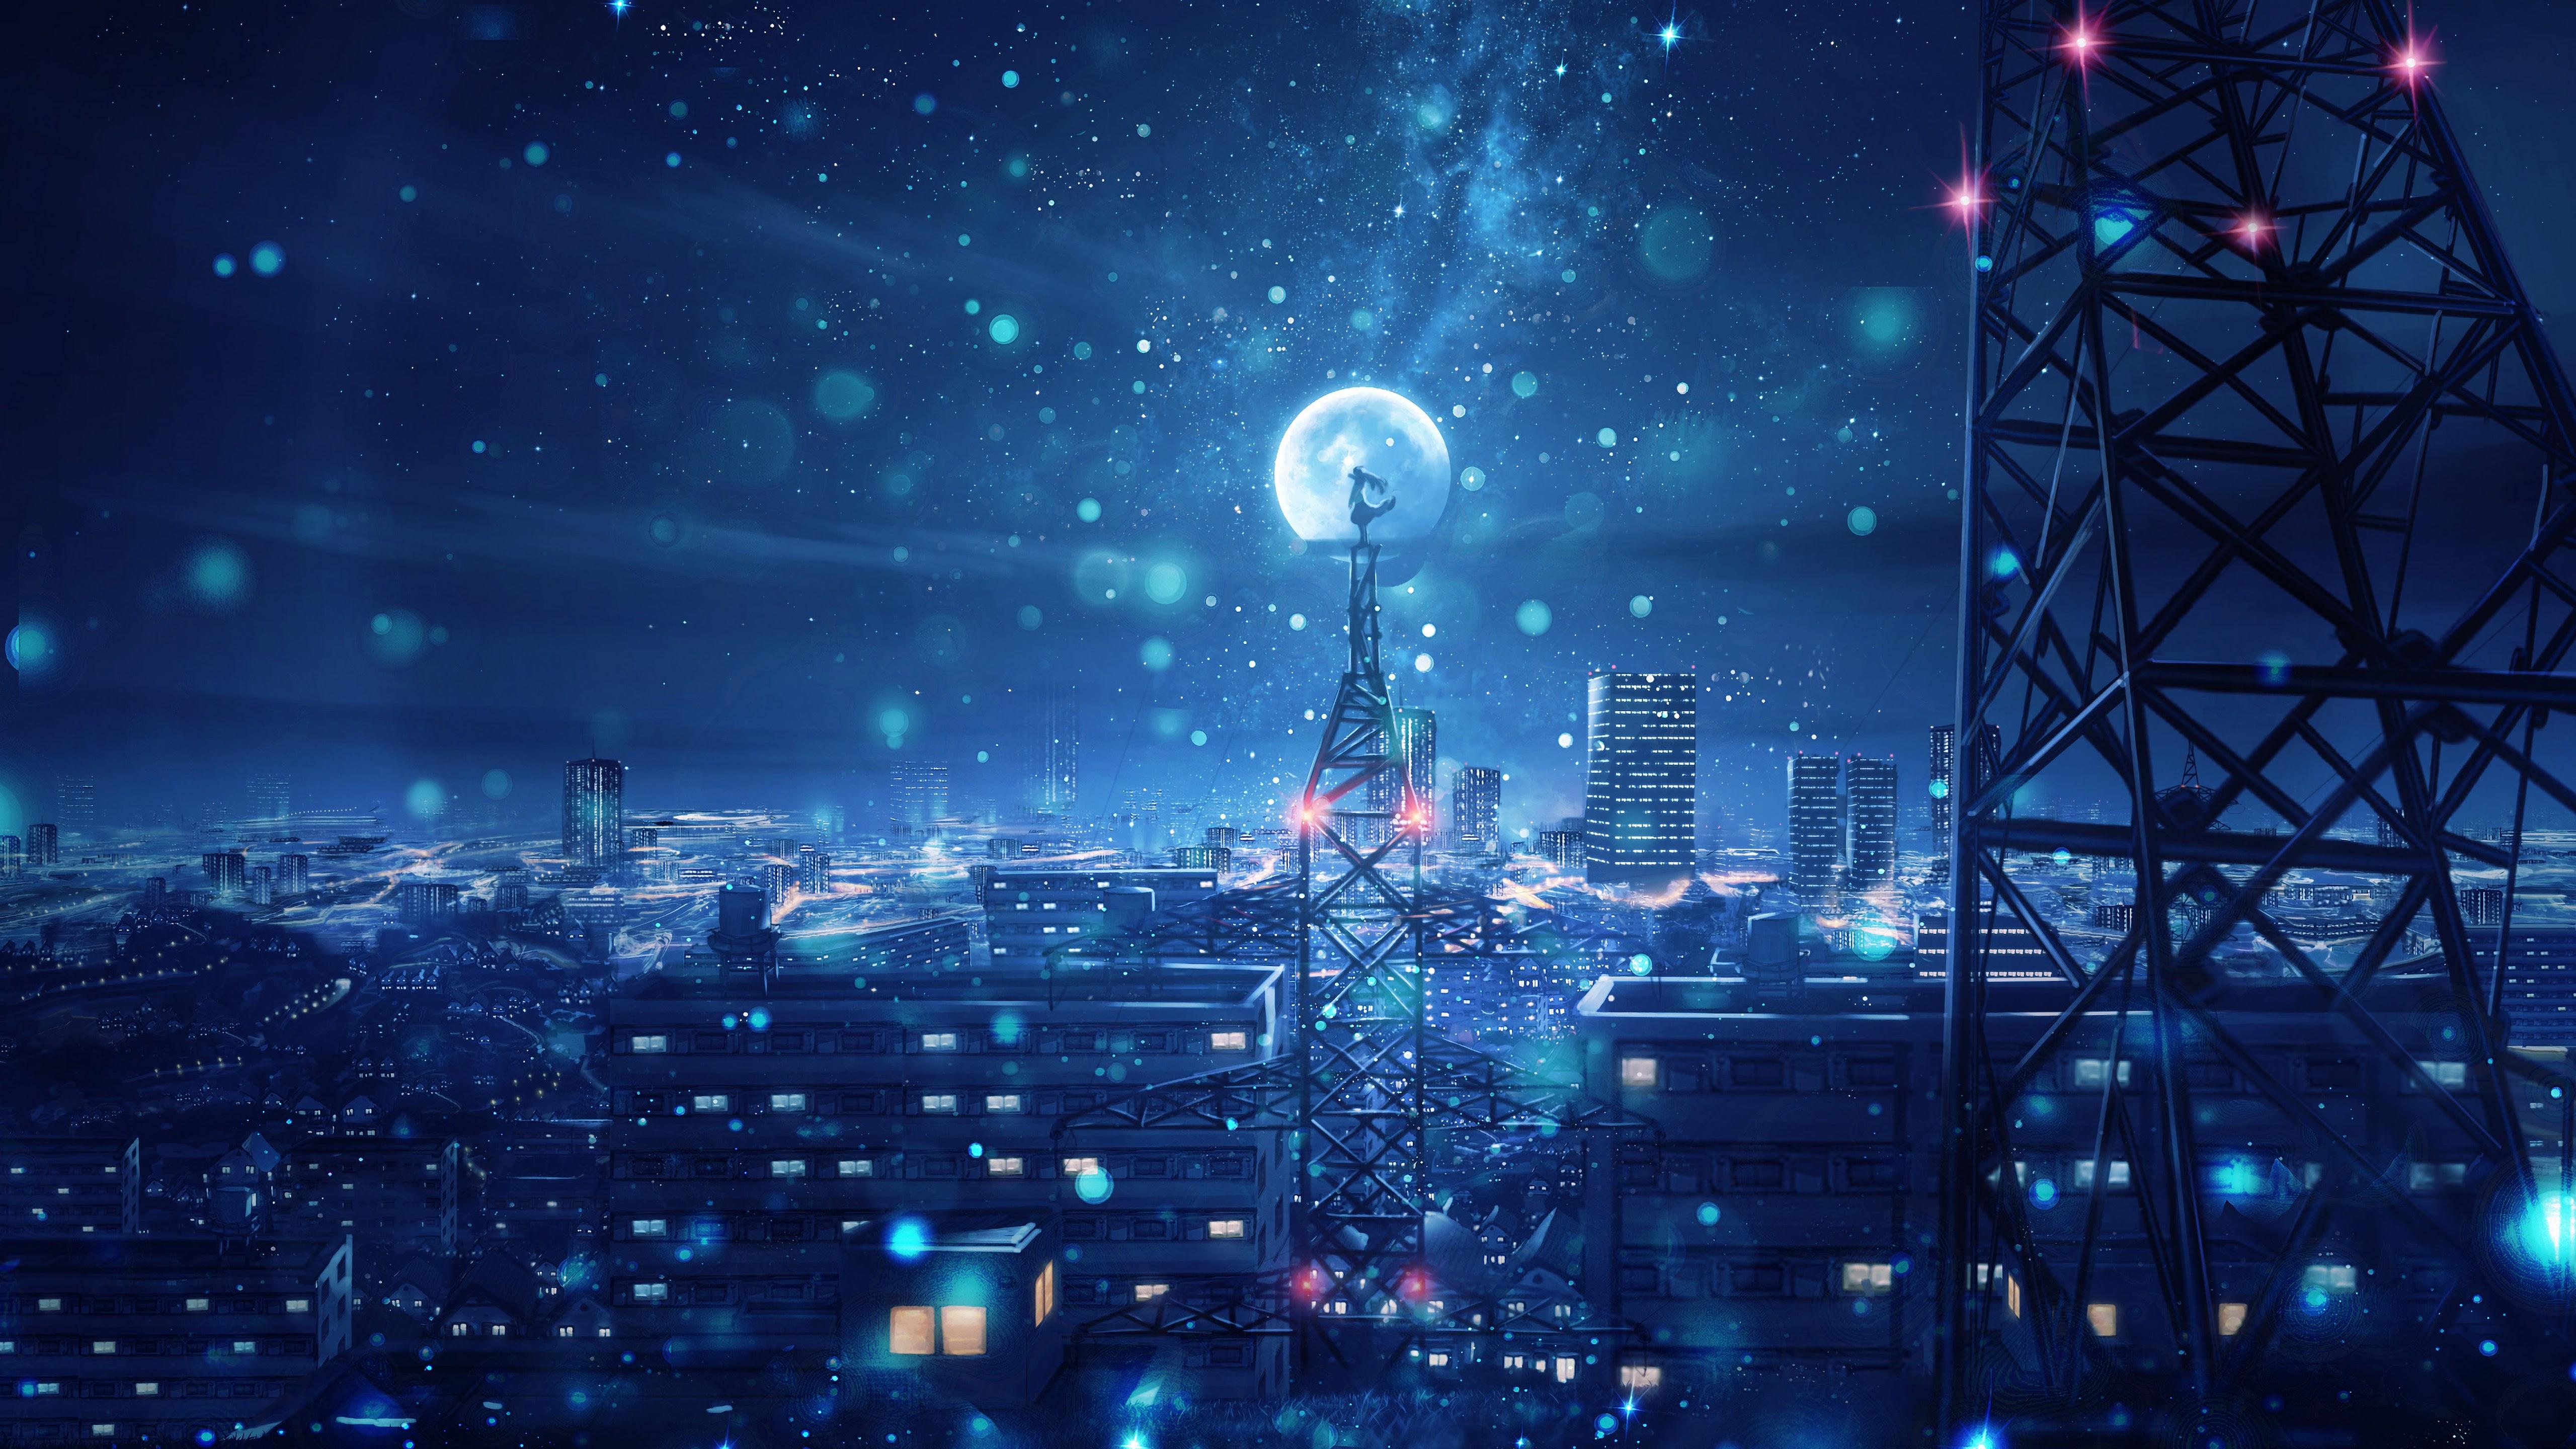 14+ Anime Starry Night Sky Background Background